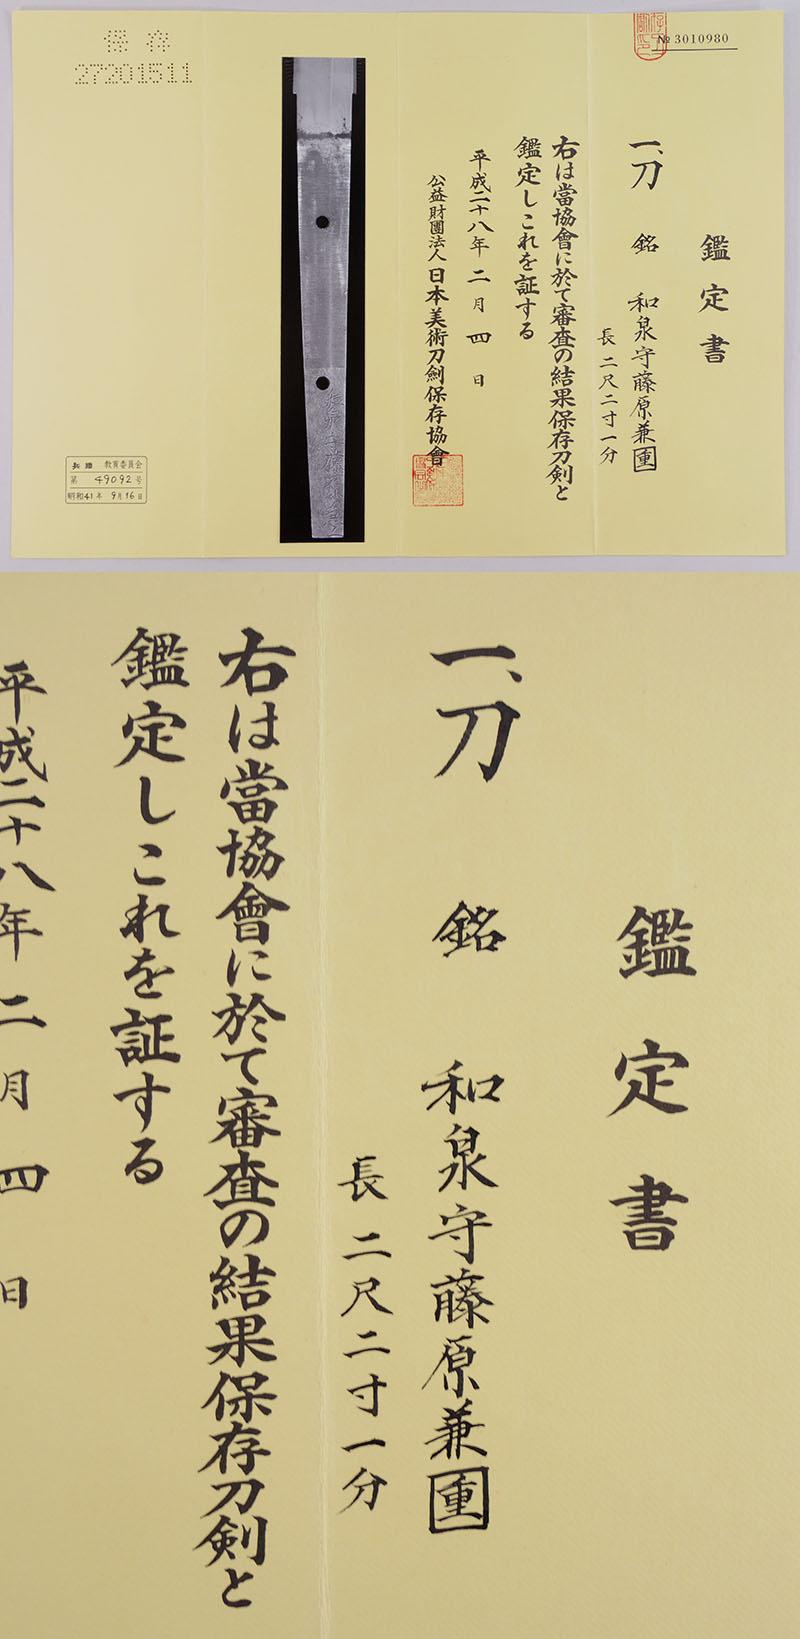 和泉守藤原兼重 Picture of Certificate